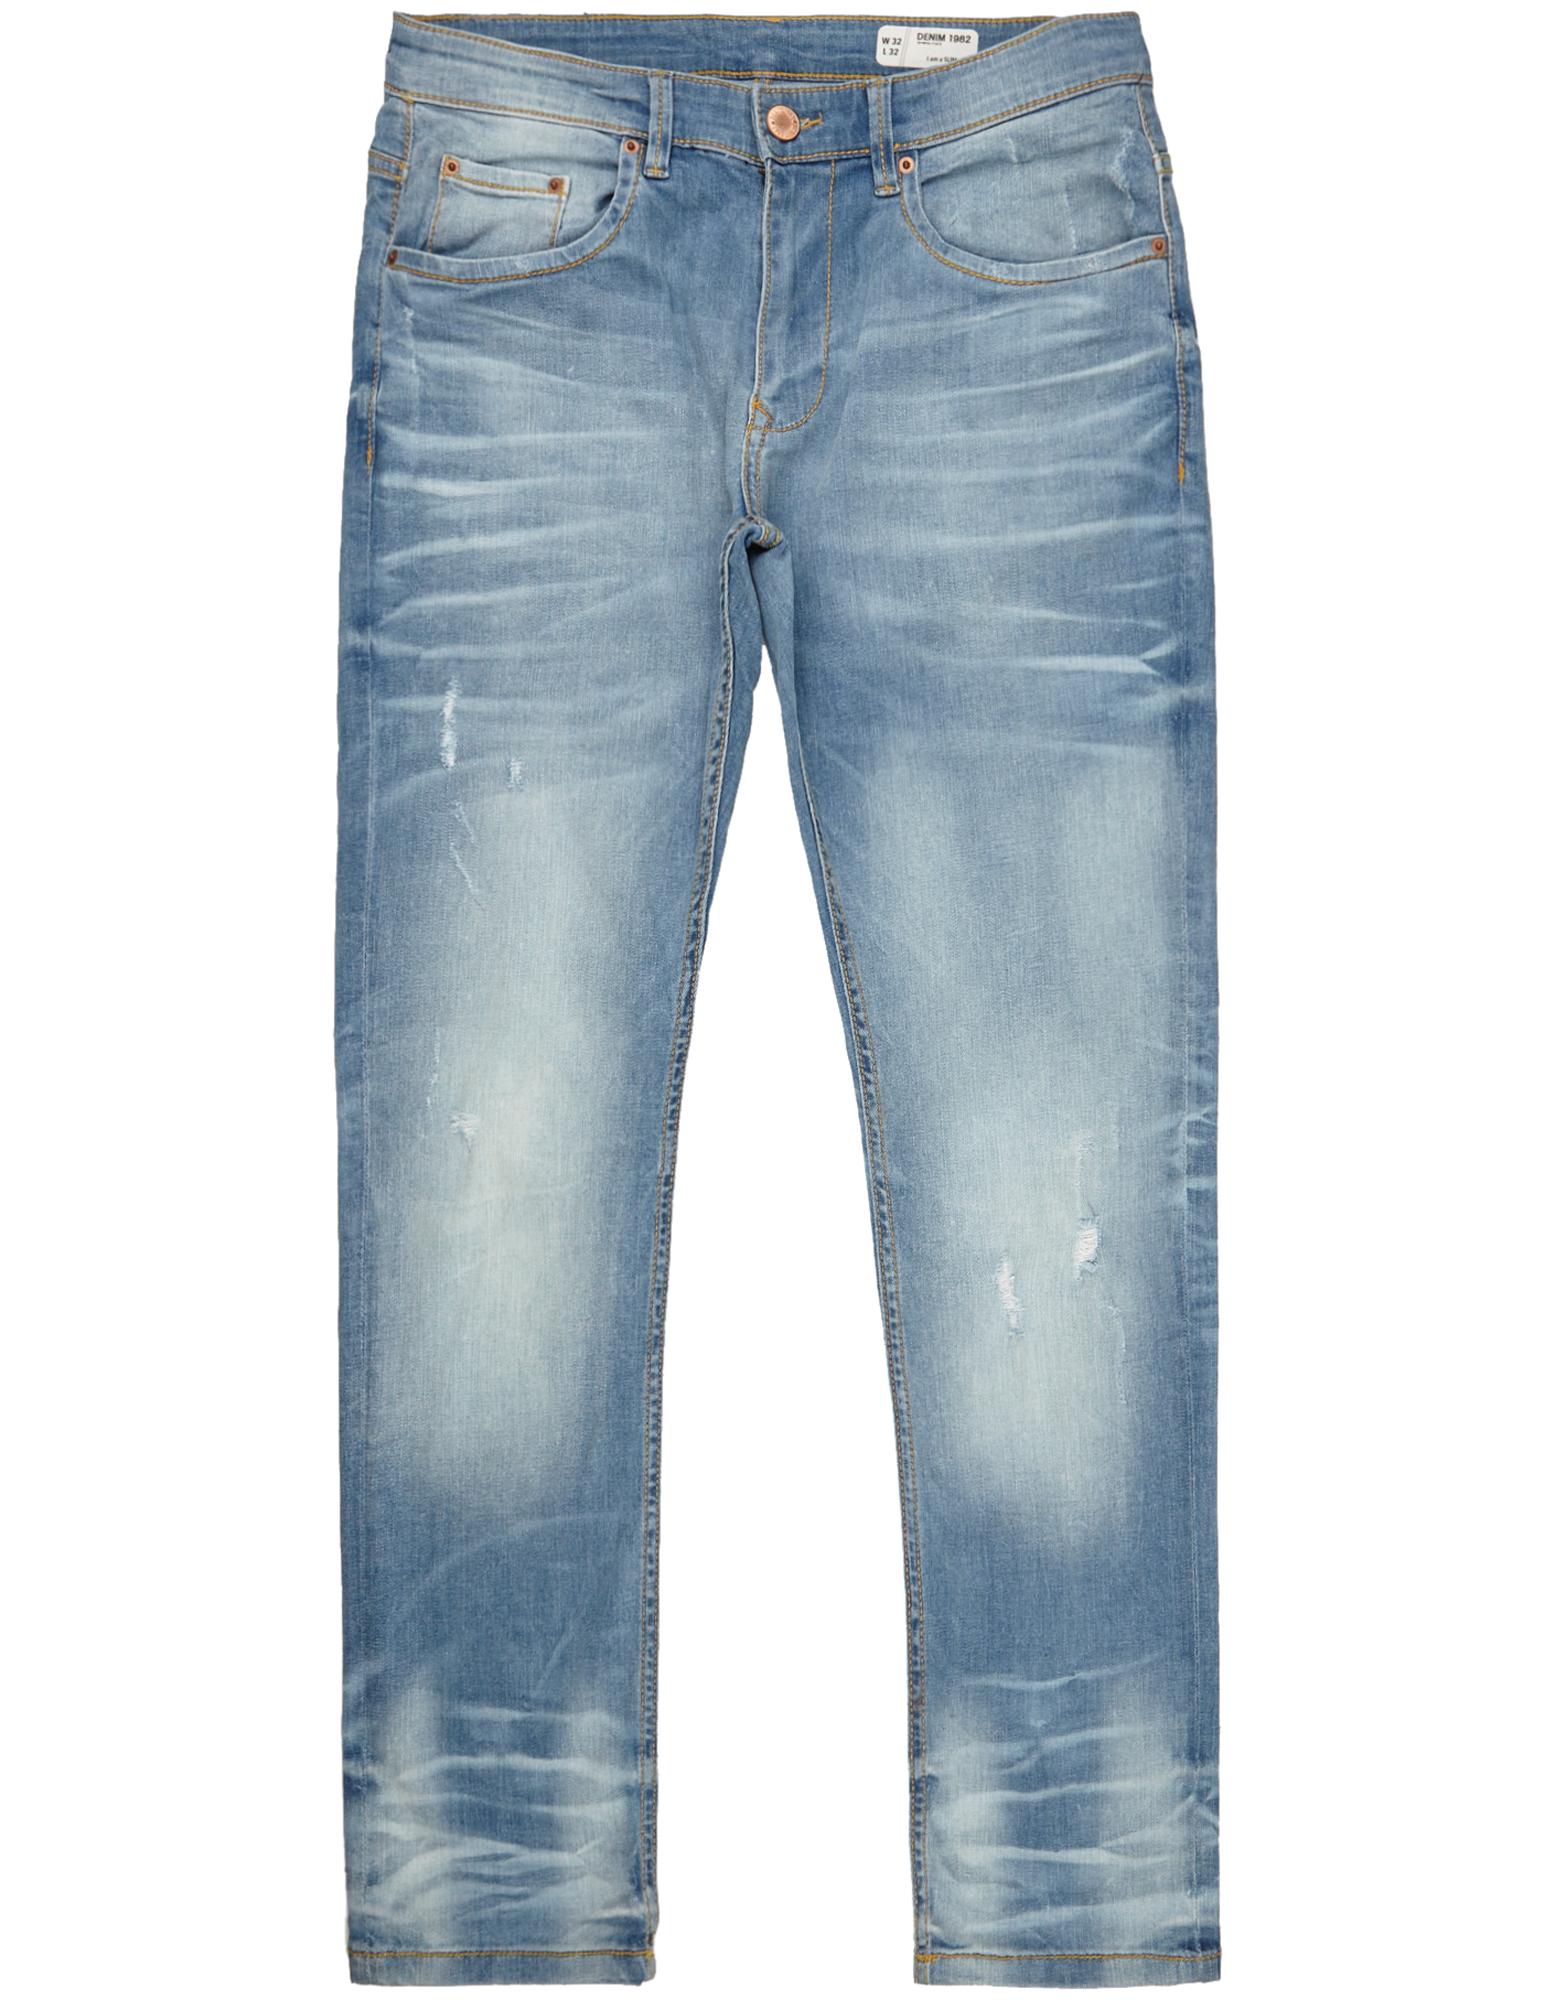 herren slim fit jeans im destroyed look takko fashion. Black Bedroom Furniture Sets. Home Design Ideas